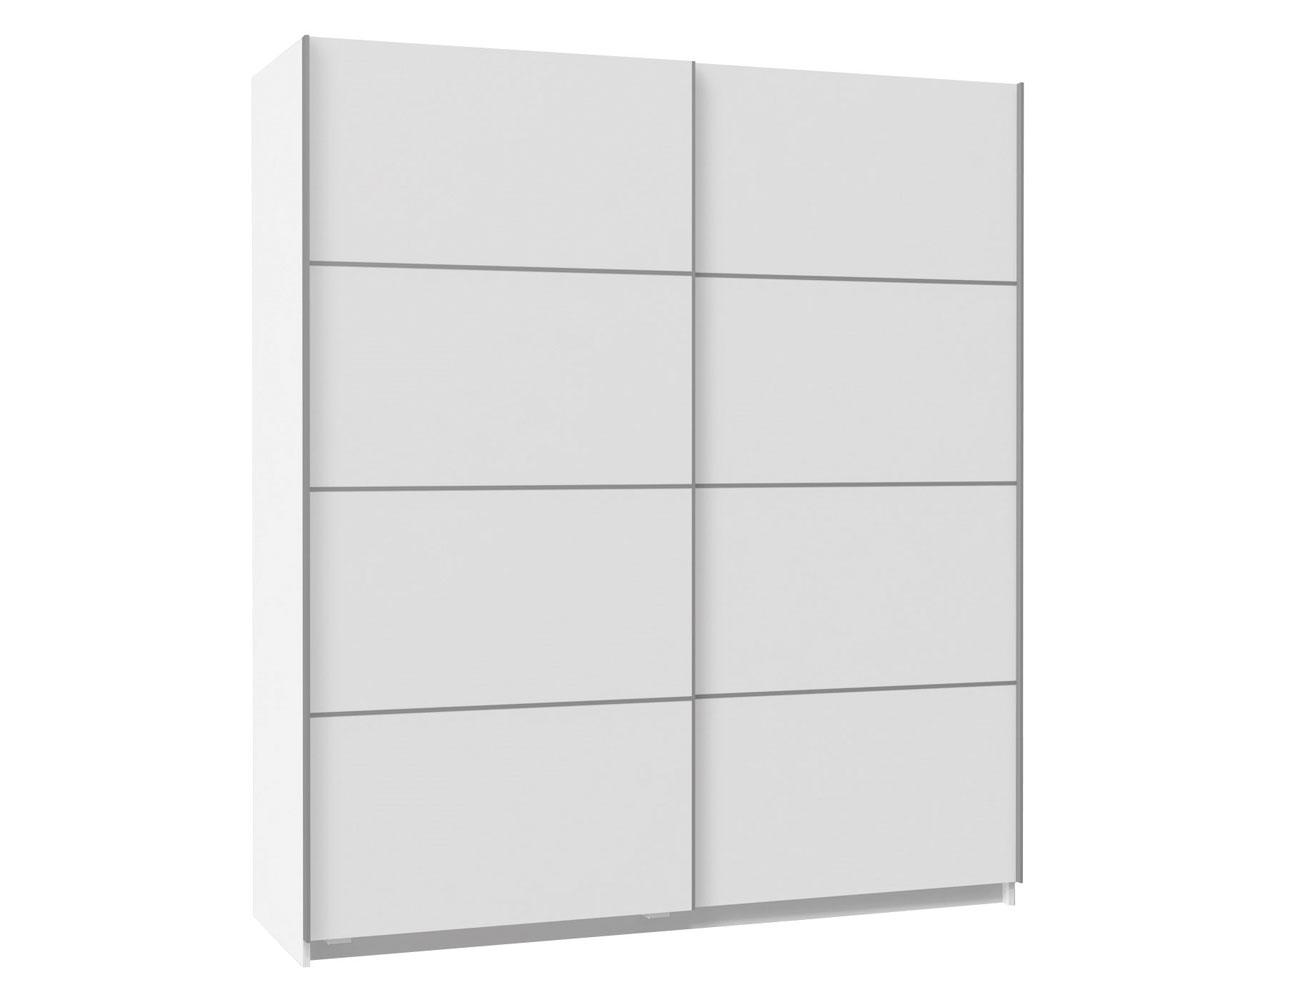 Armario puertas correderas 415 180 blanco